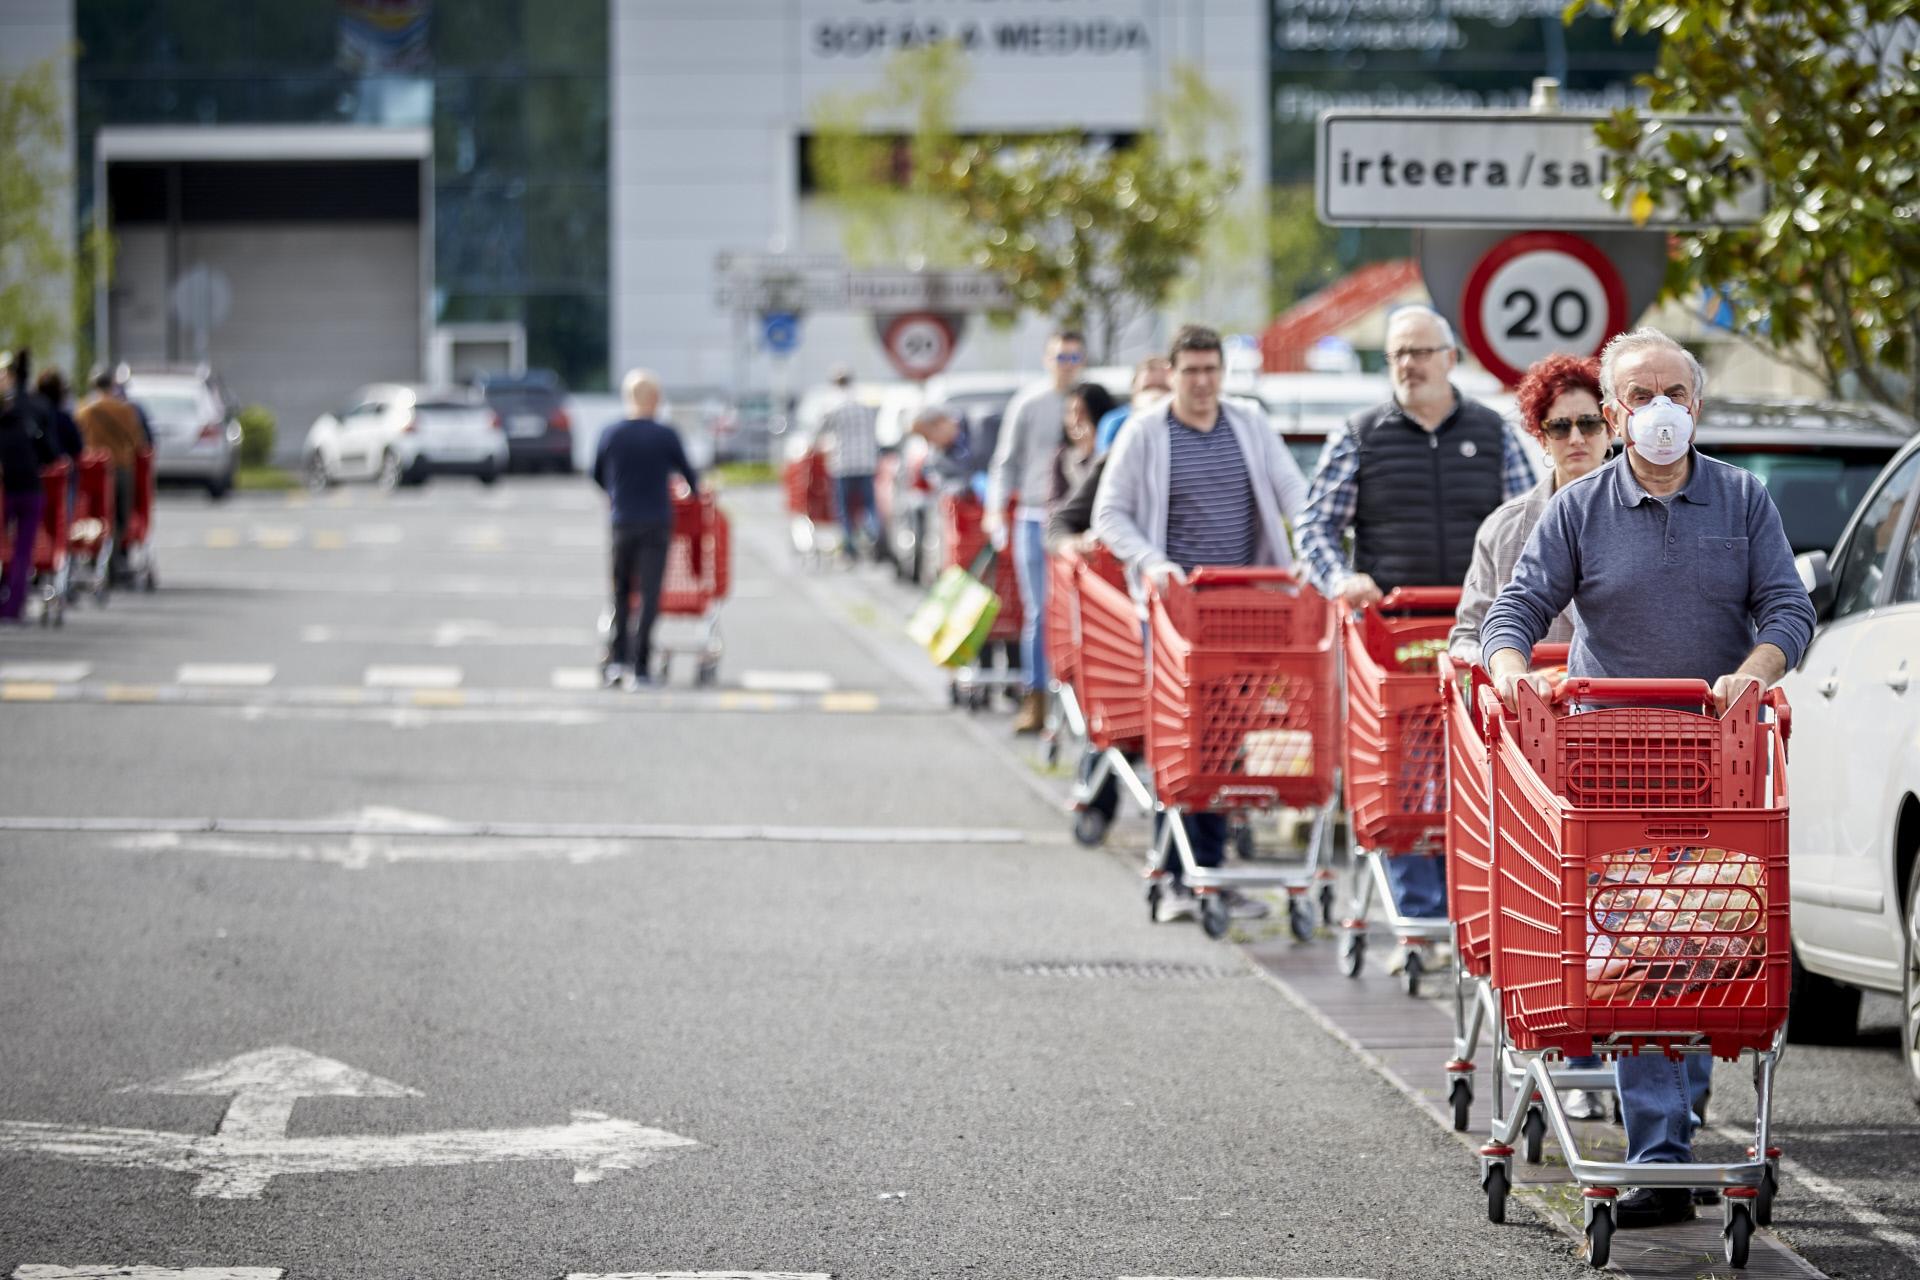 Cola de un supermercado en Vizcaya / Gtres